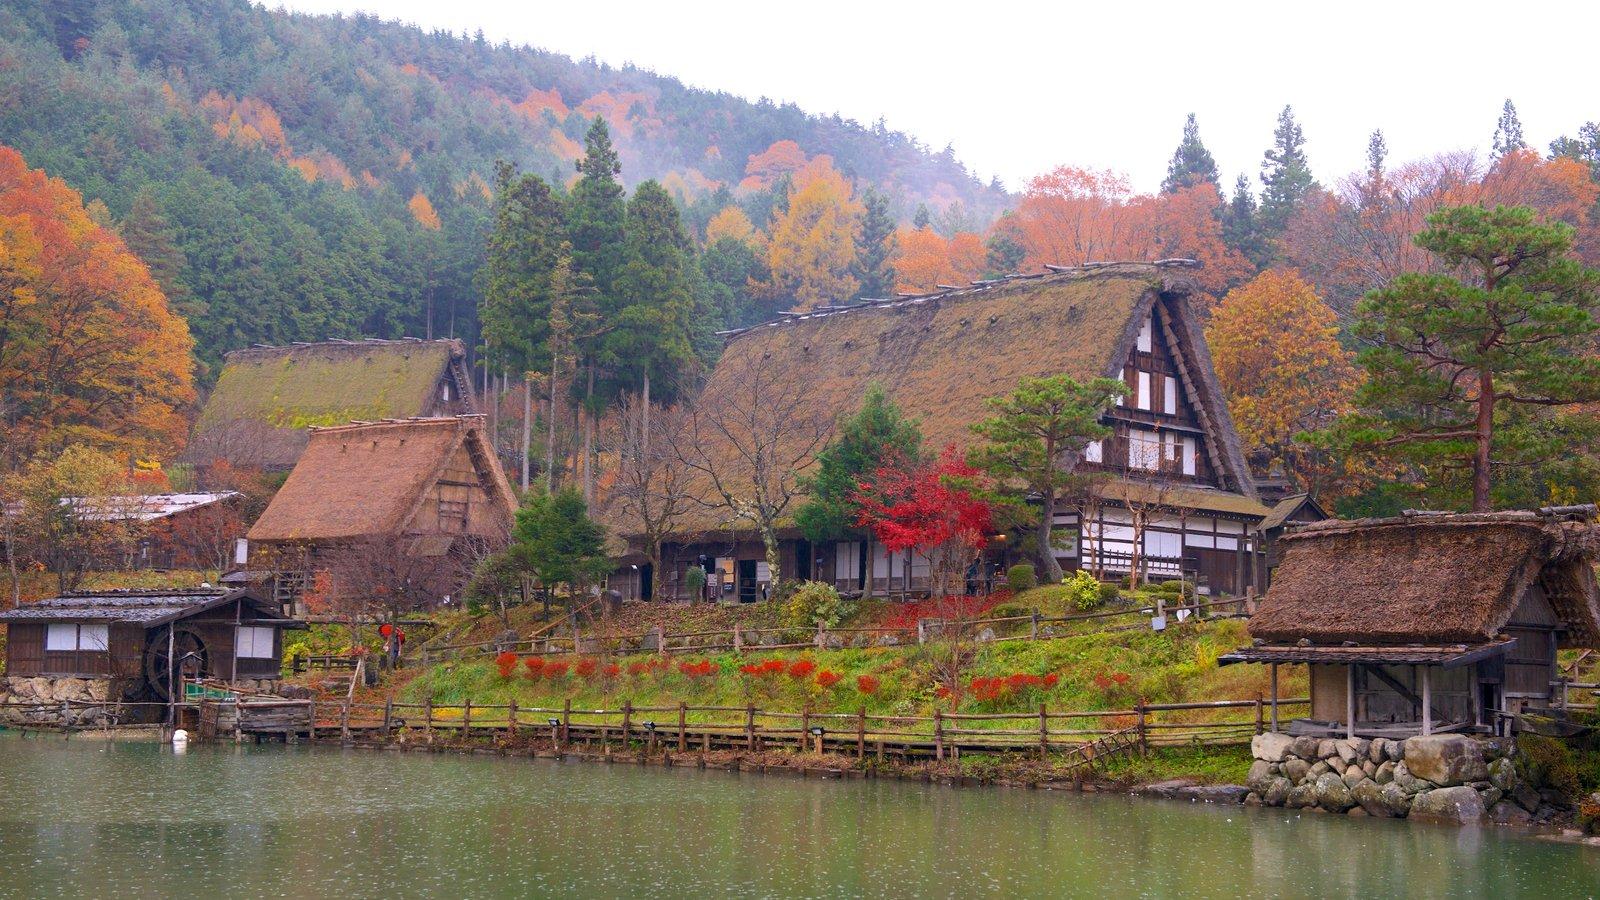 Top 4 Fall Foliage Spots Around Takayama All About Japan